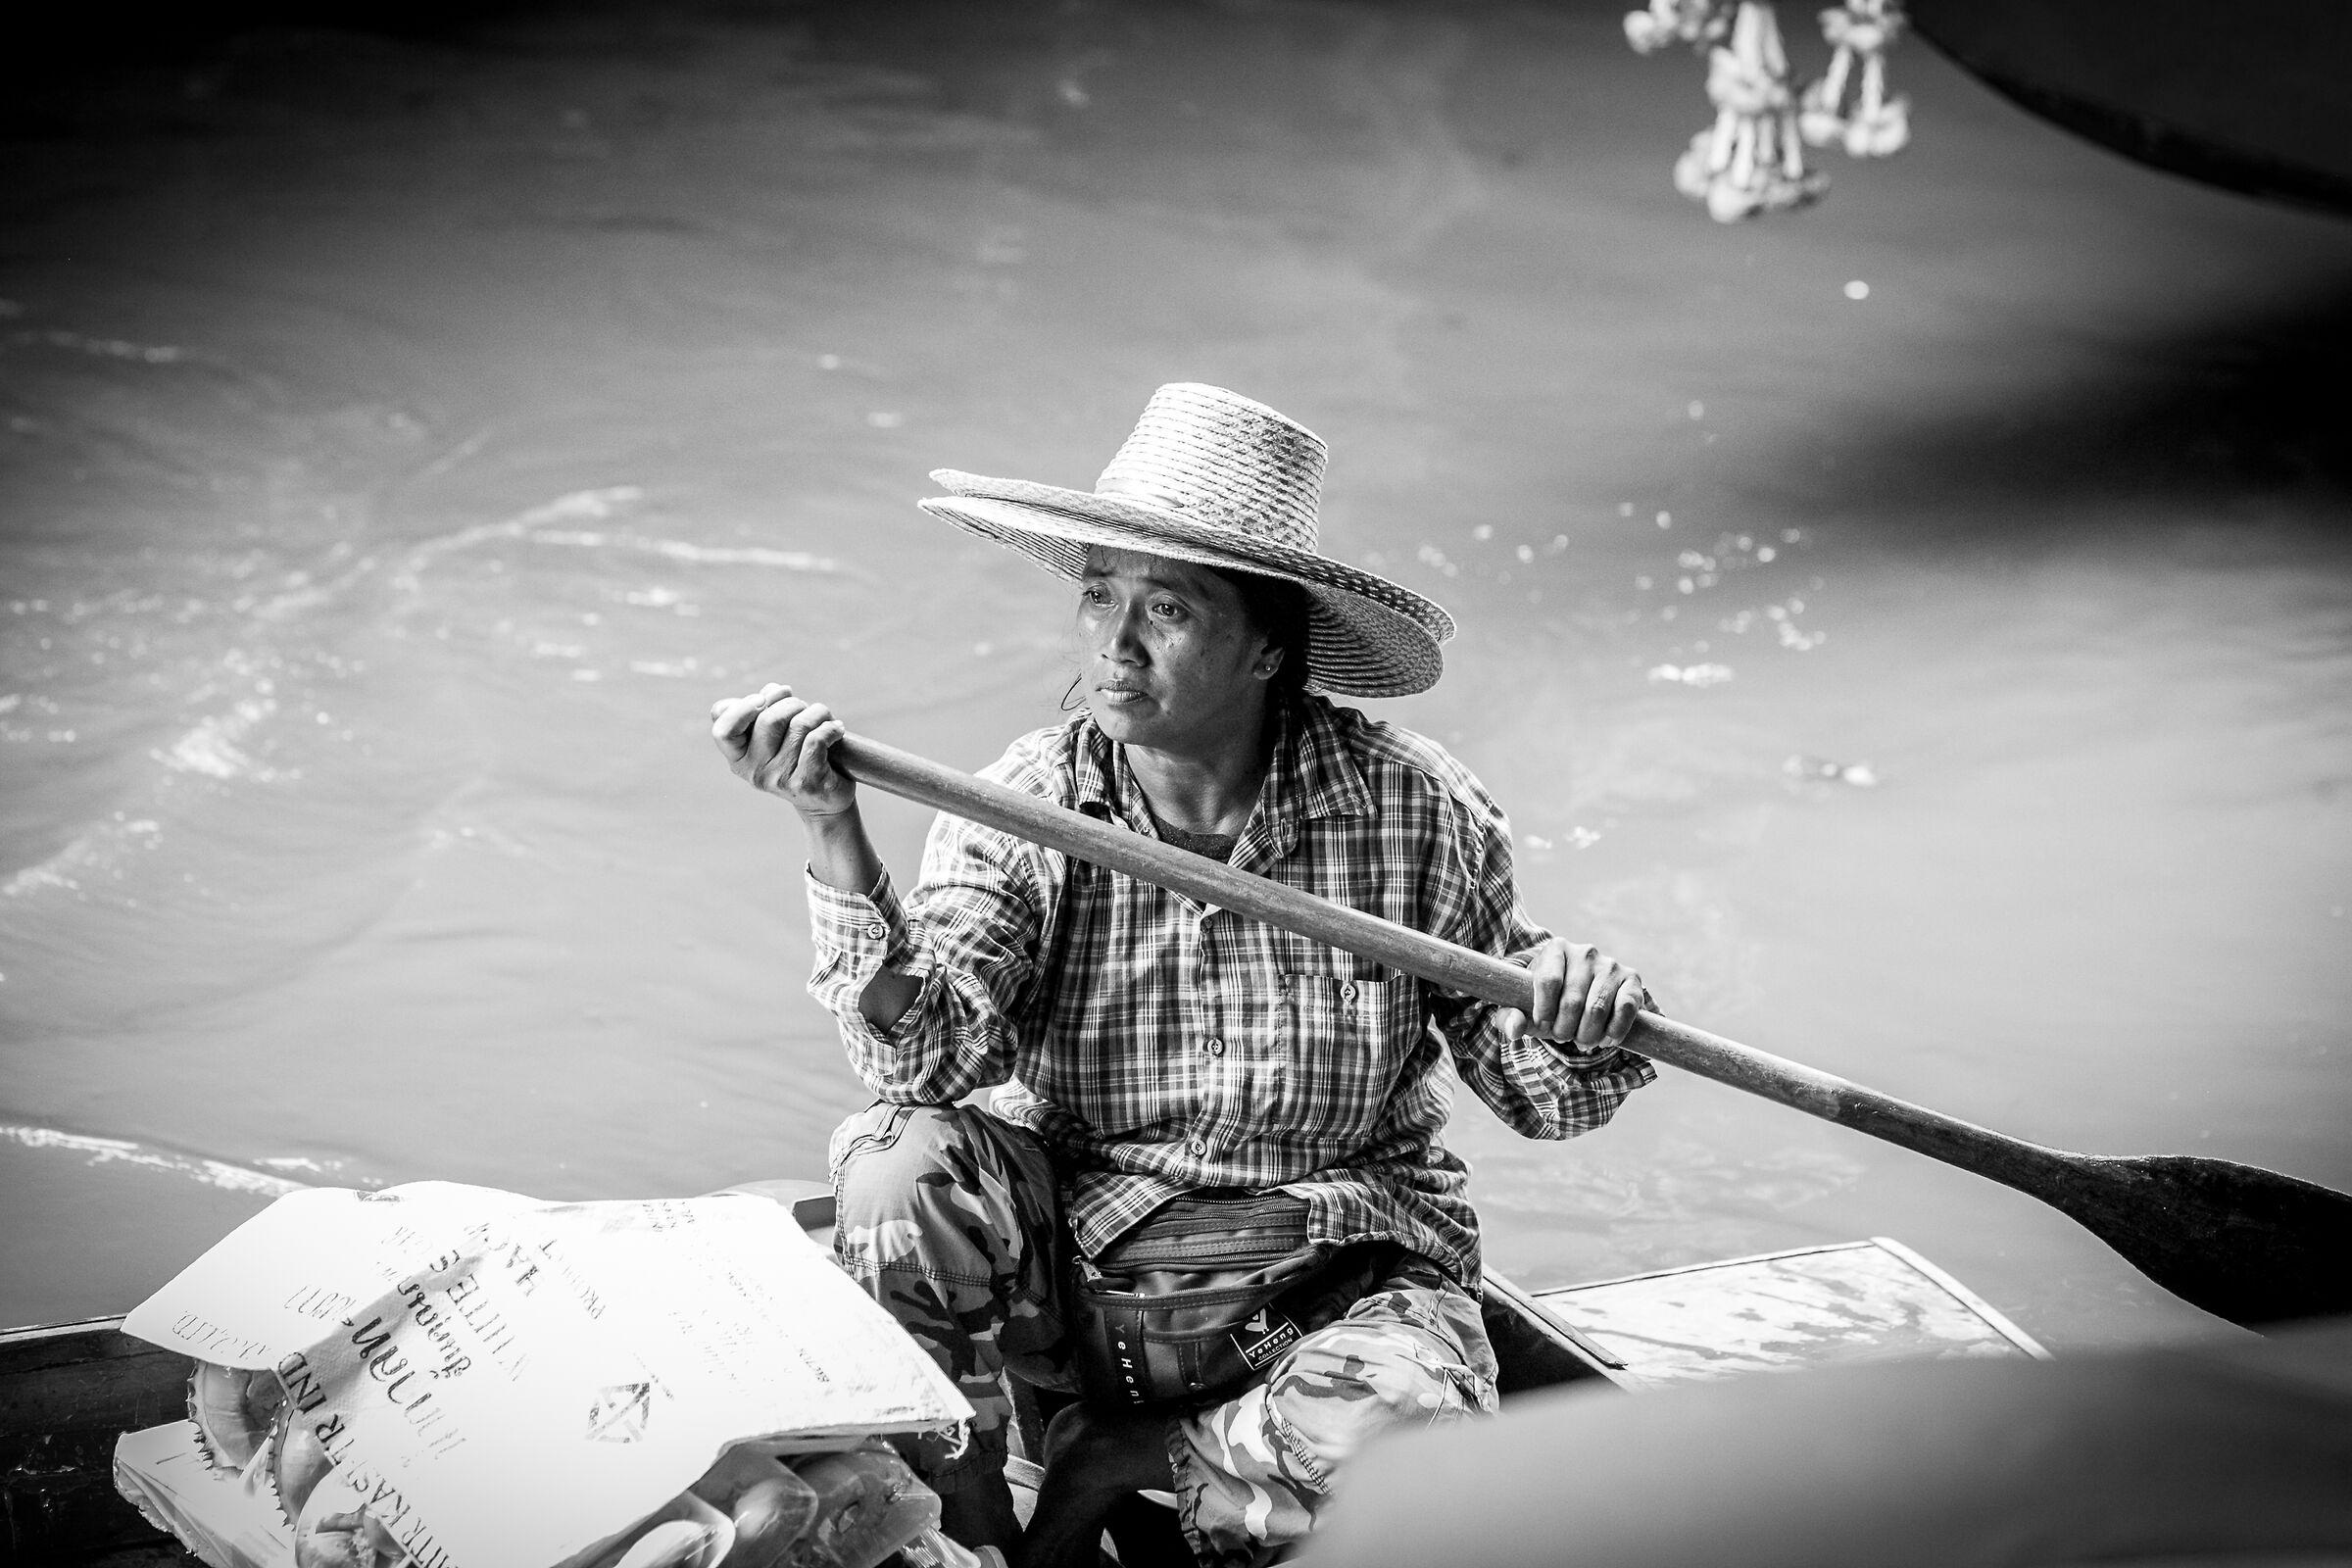 Woman at Floating Market Damemon Soudan, B/N...